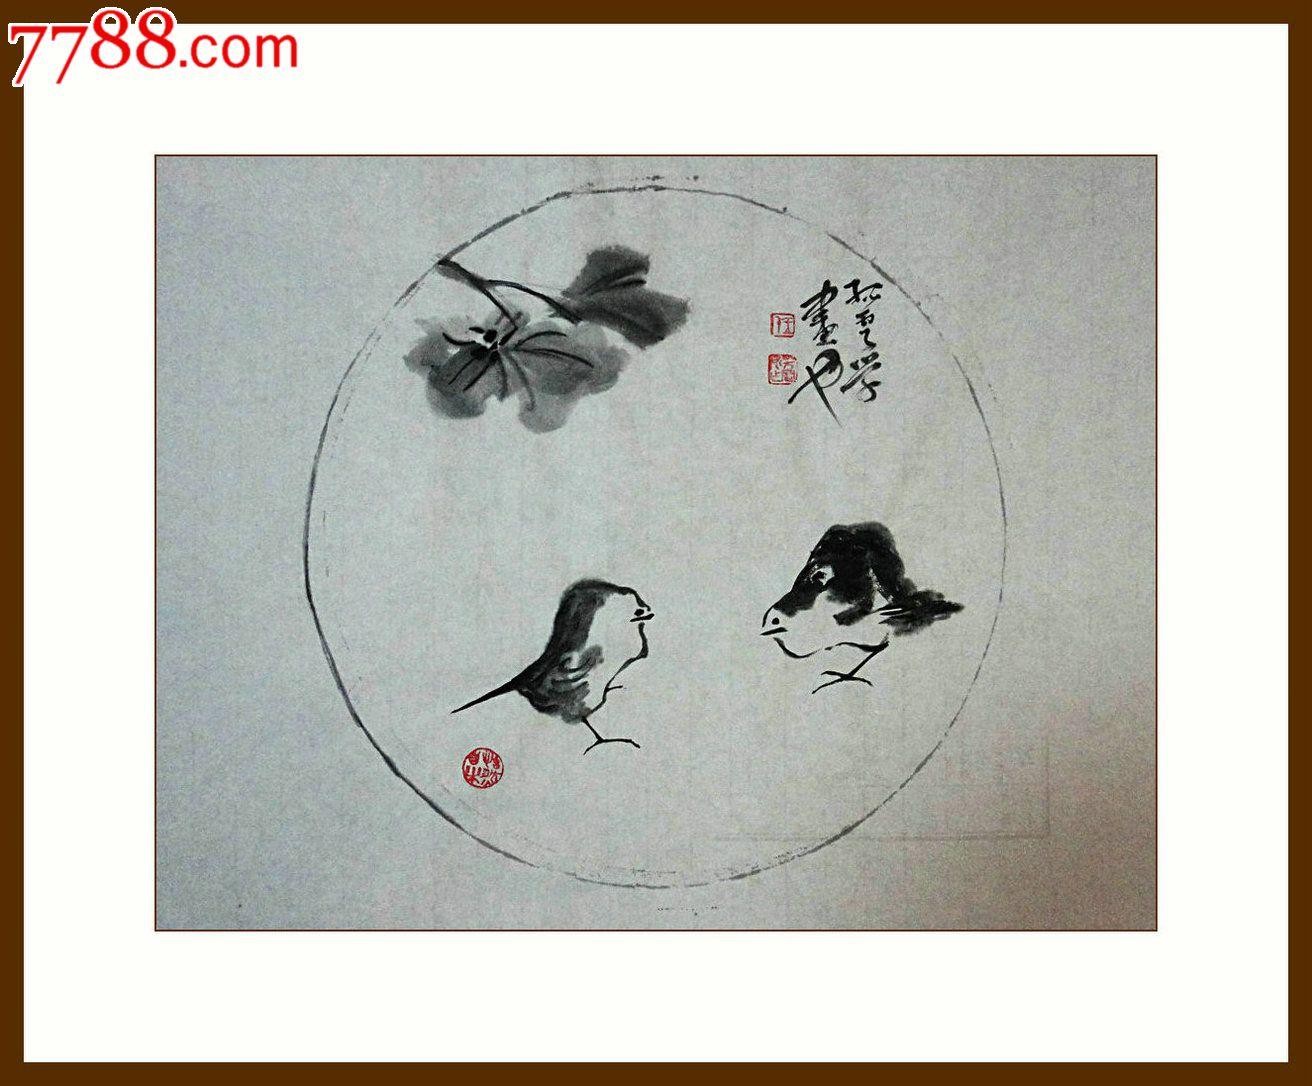 8 品种: 花鸟国画原作-花鸟国画原作 属性: 花卉画原画,,水墨/写意